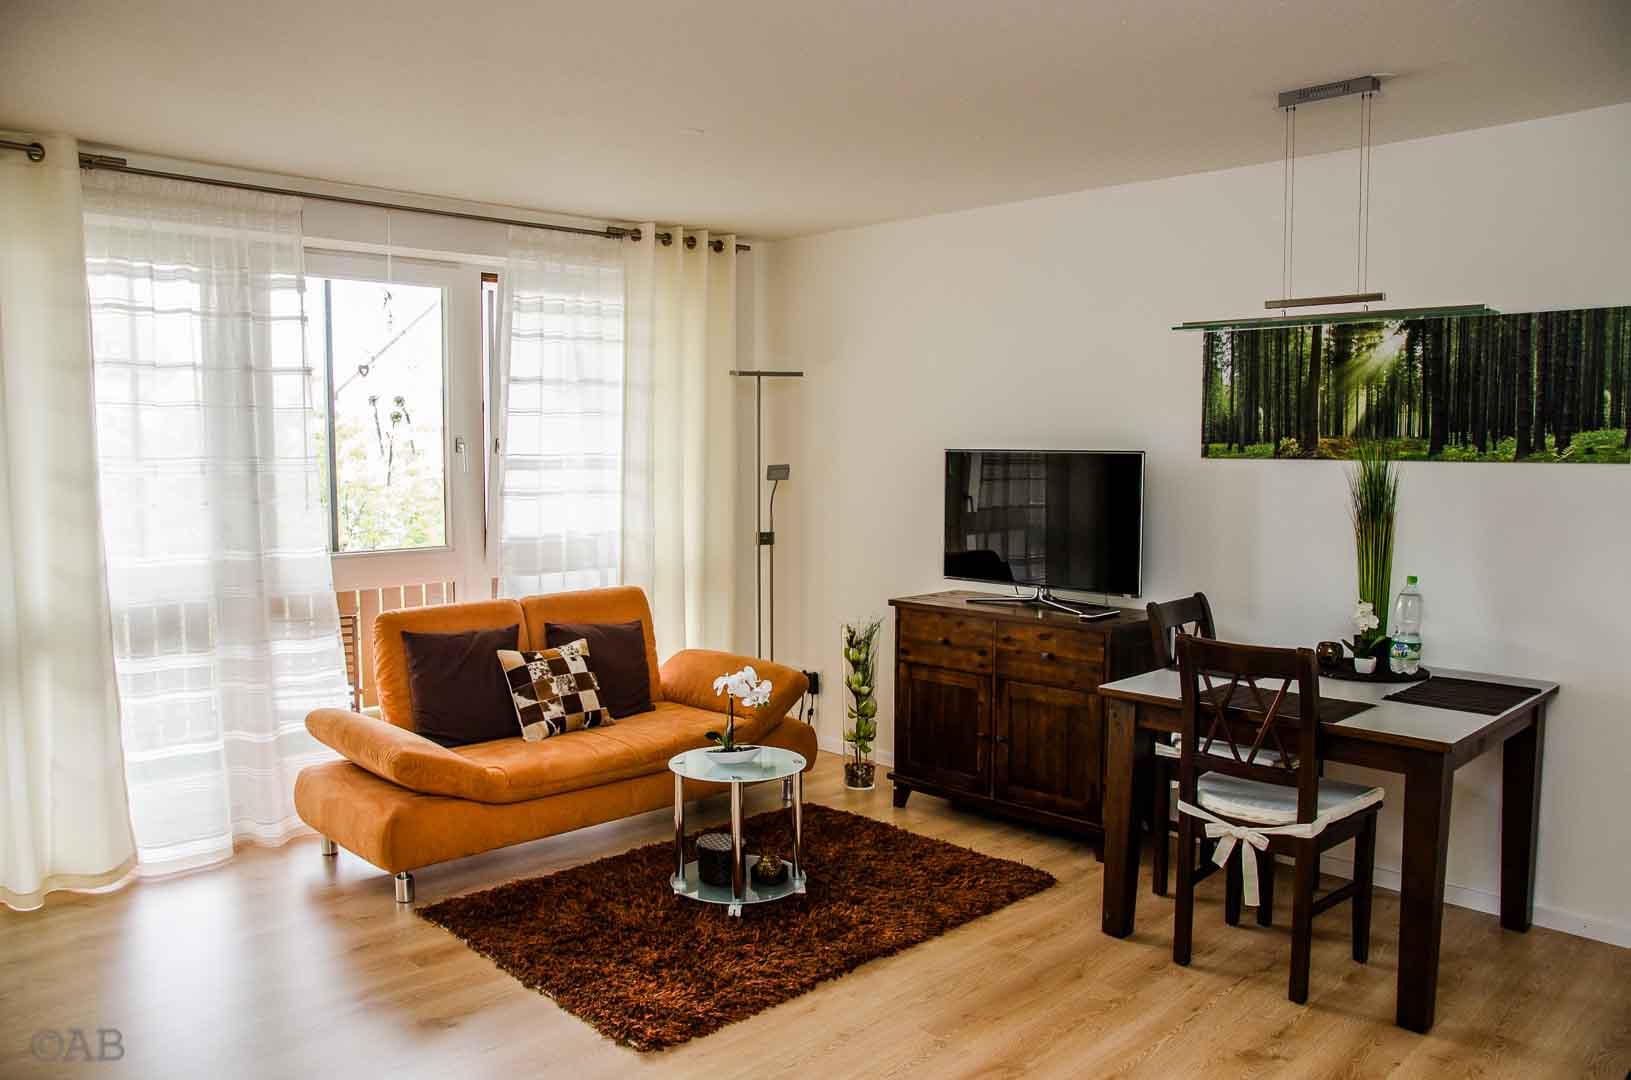 exclusives möbliertes Appartement in Königsbrunn bei Augsburg; Wohnzimmer